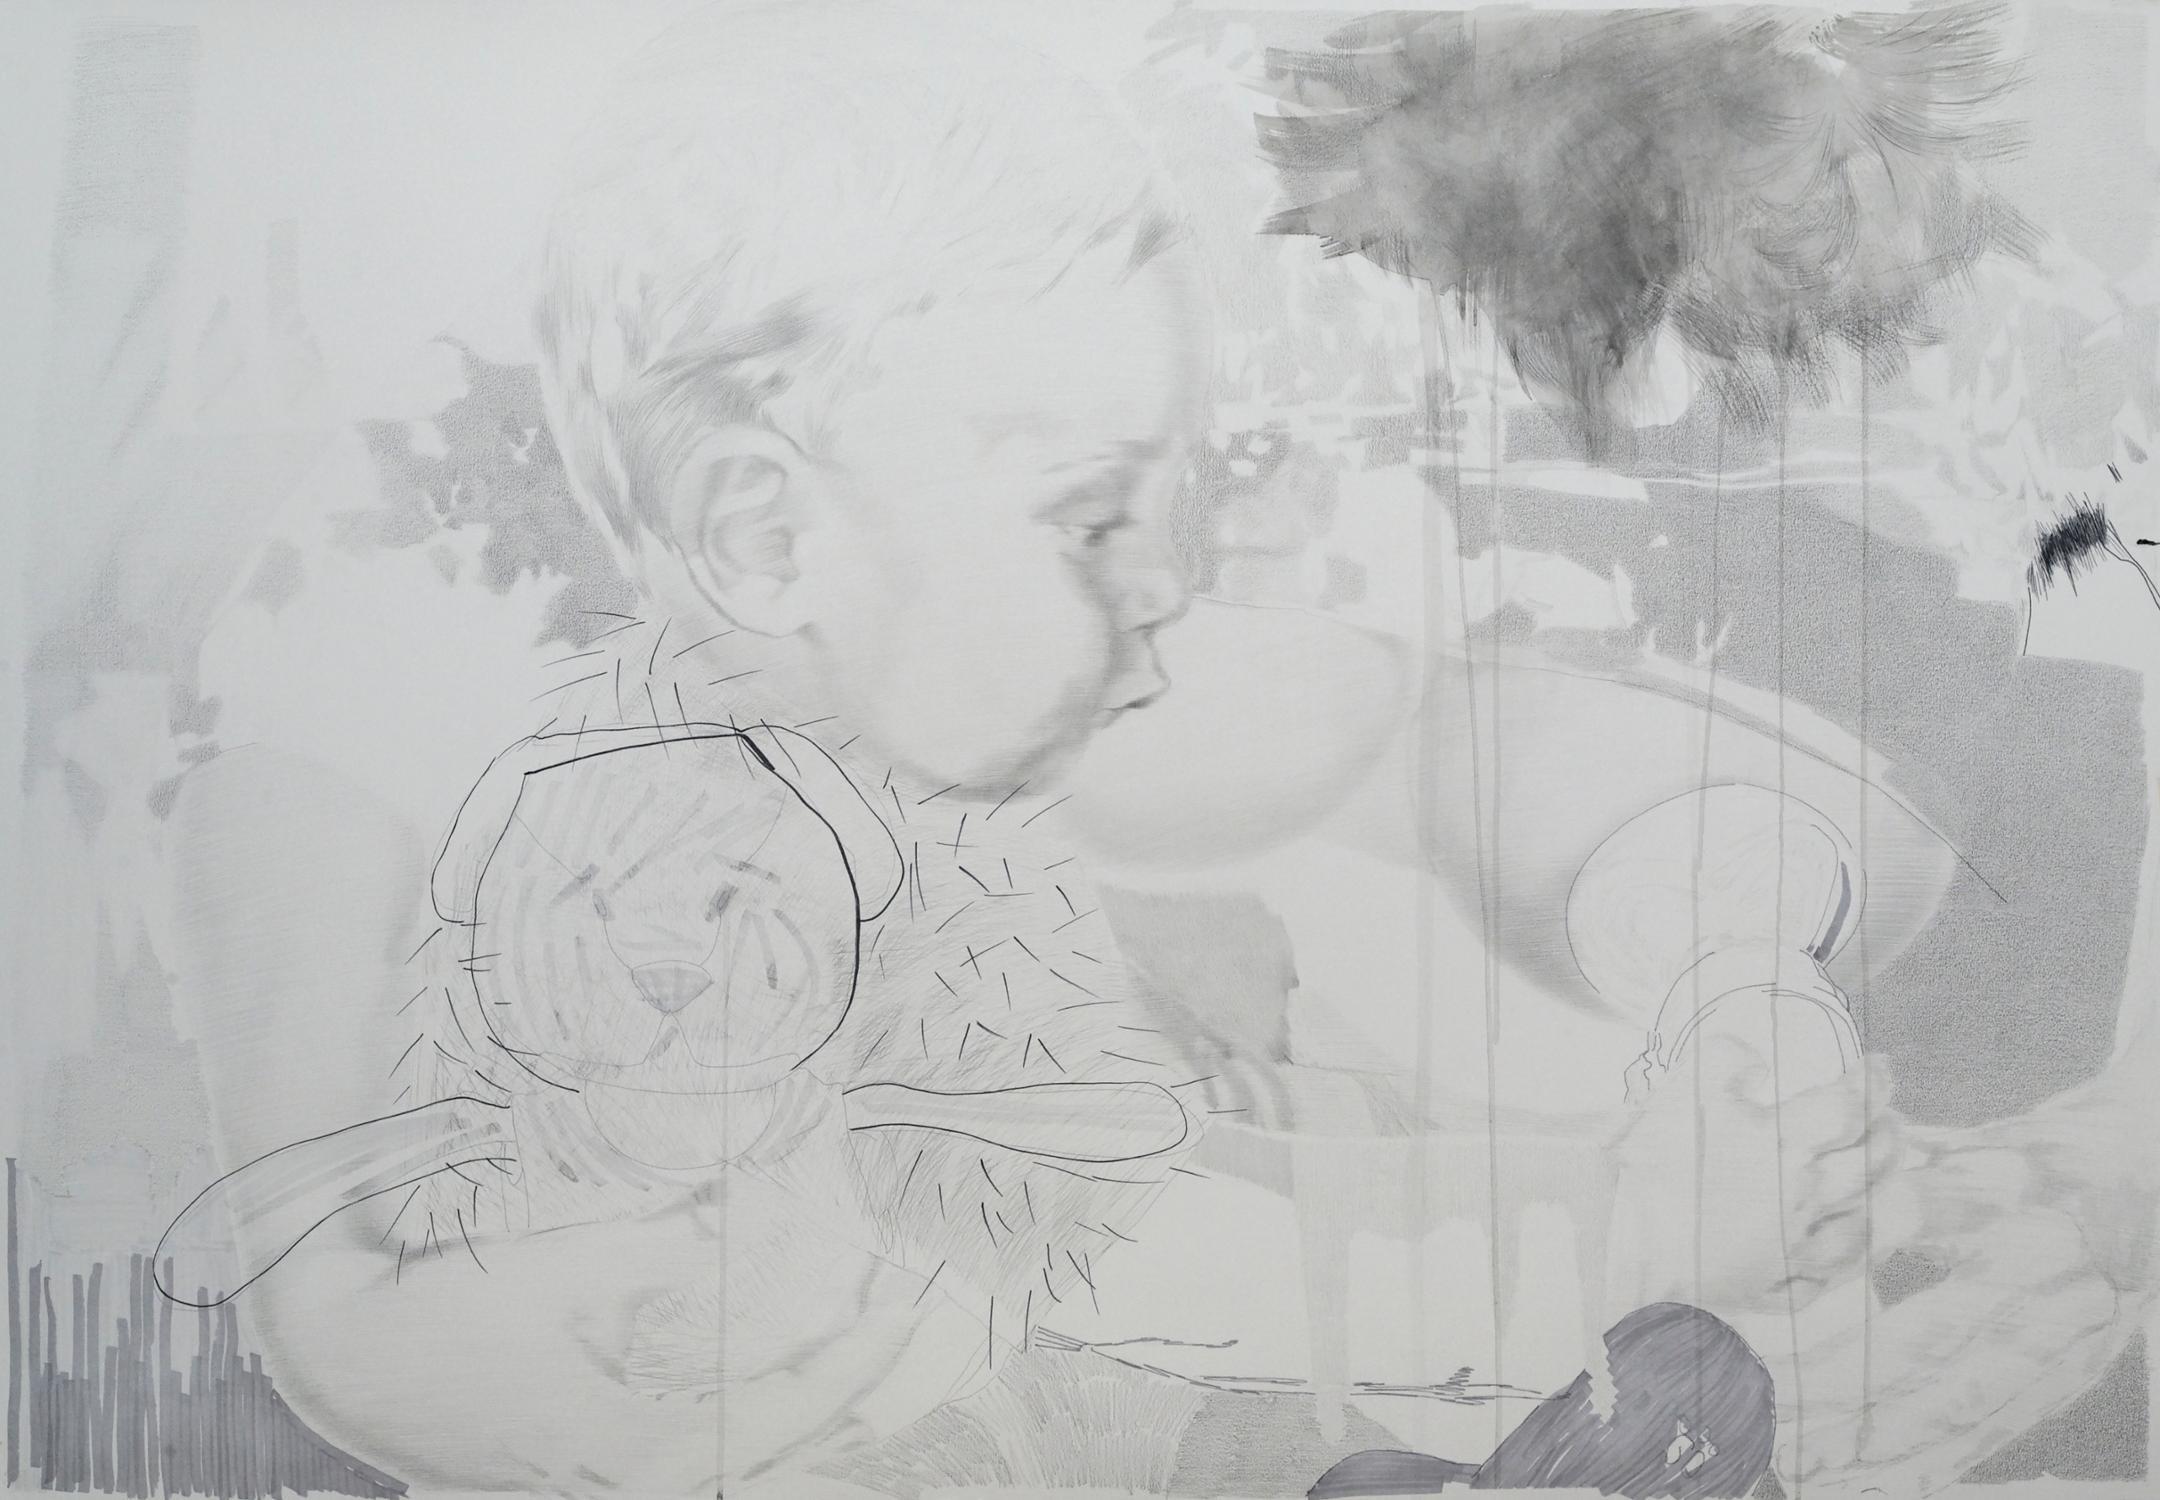 Mutter Sozialistischer Realismus Zeichnung